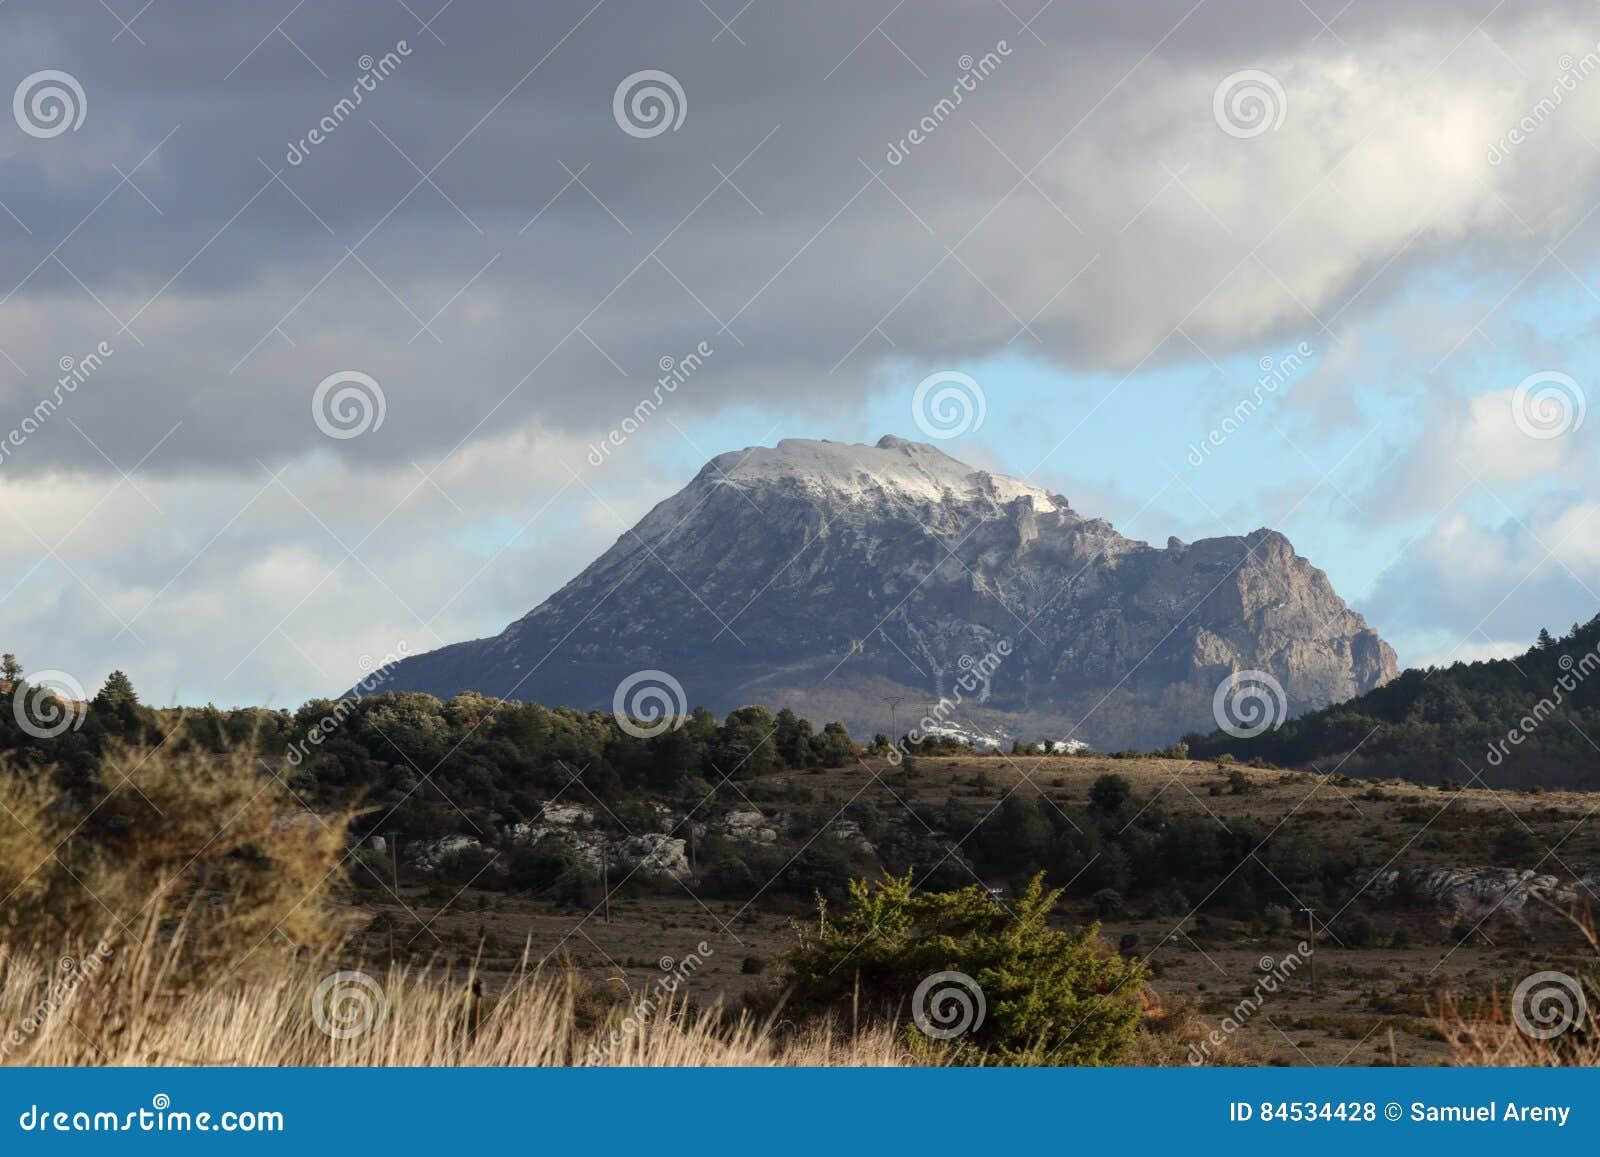 Spitze von Bugarach in Corbieres, Frankreich